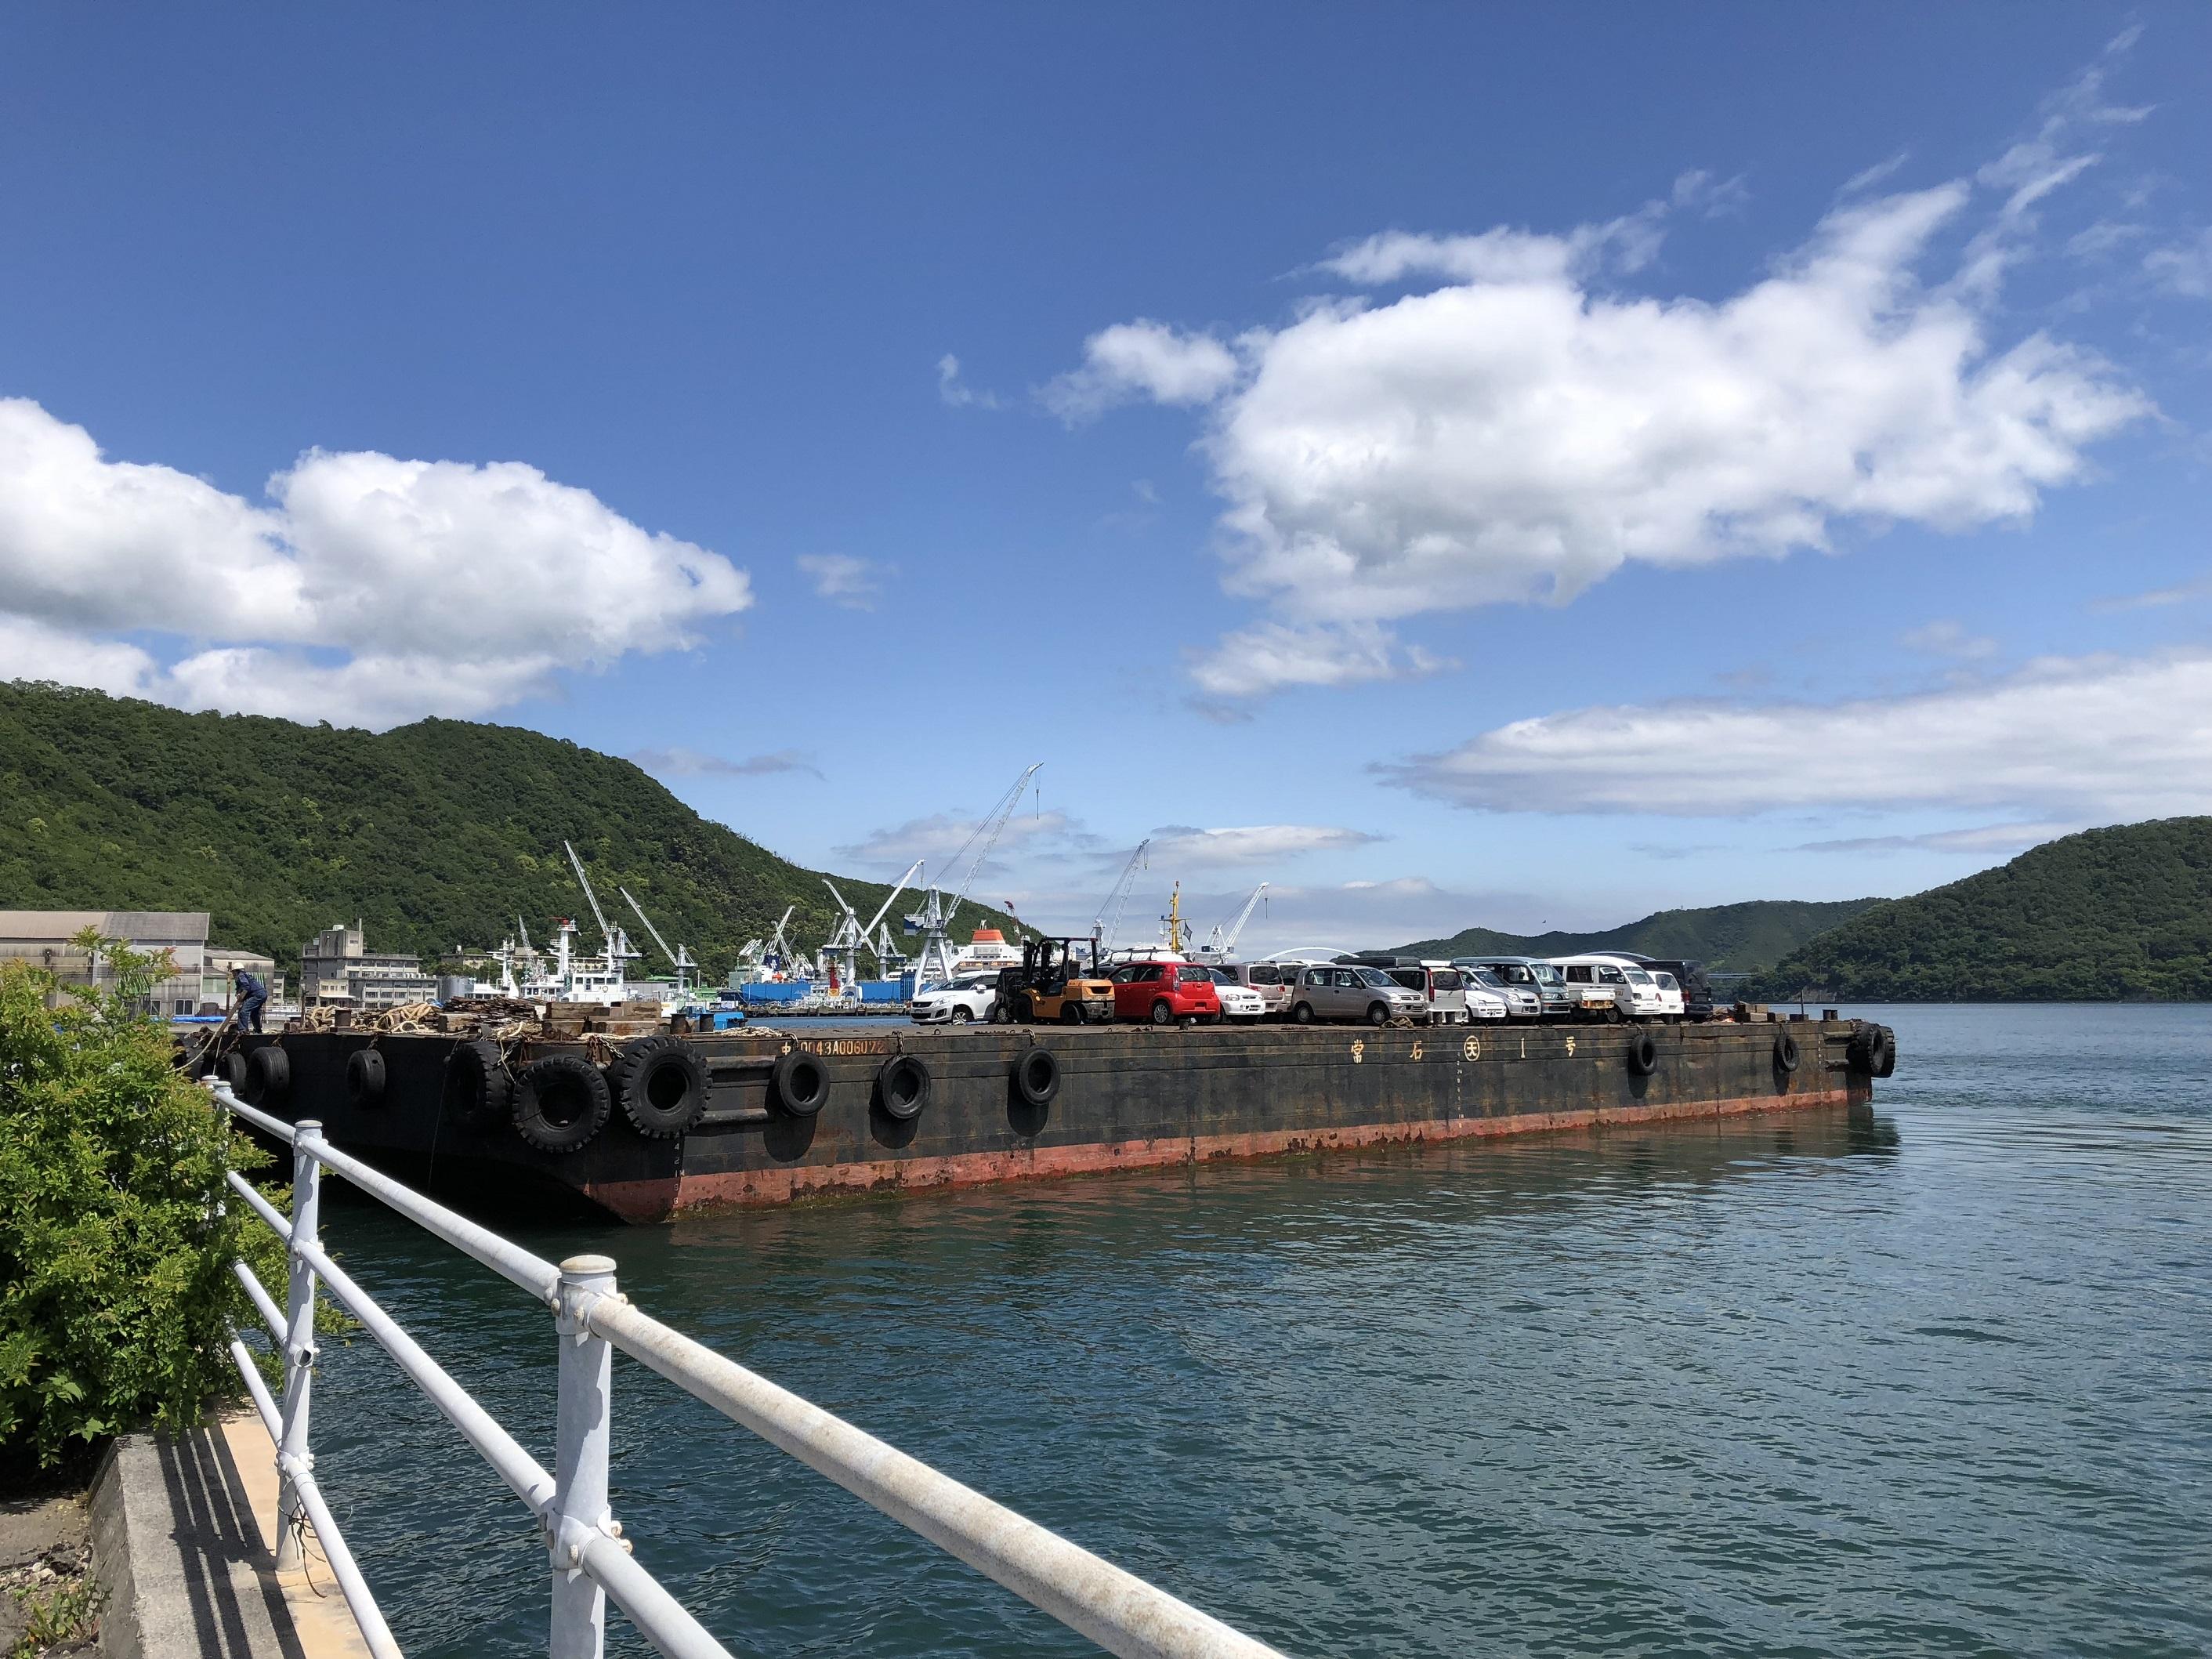 瀬戸内海の離島よりバージにて使用済み自動車を輸送